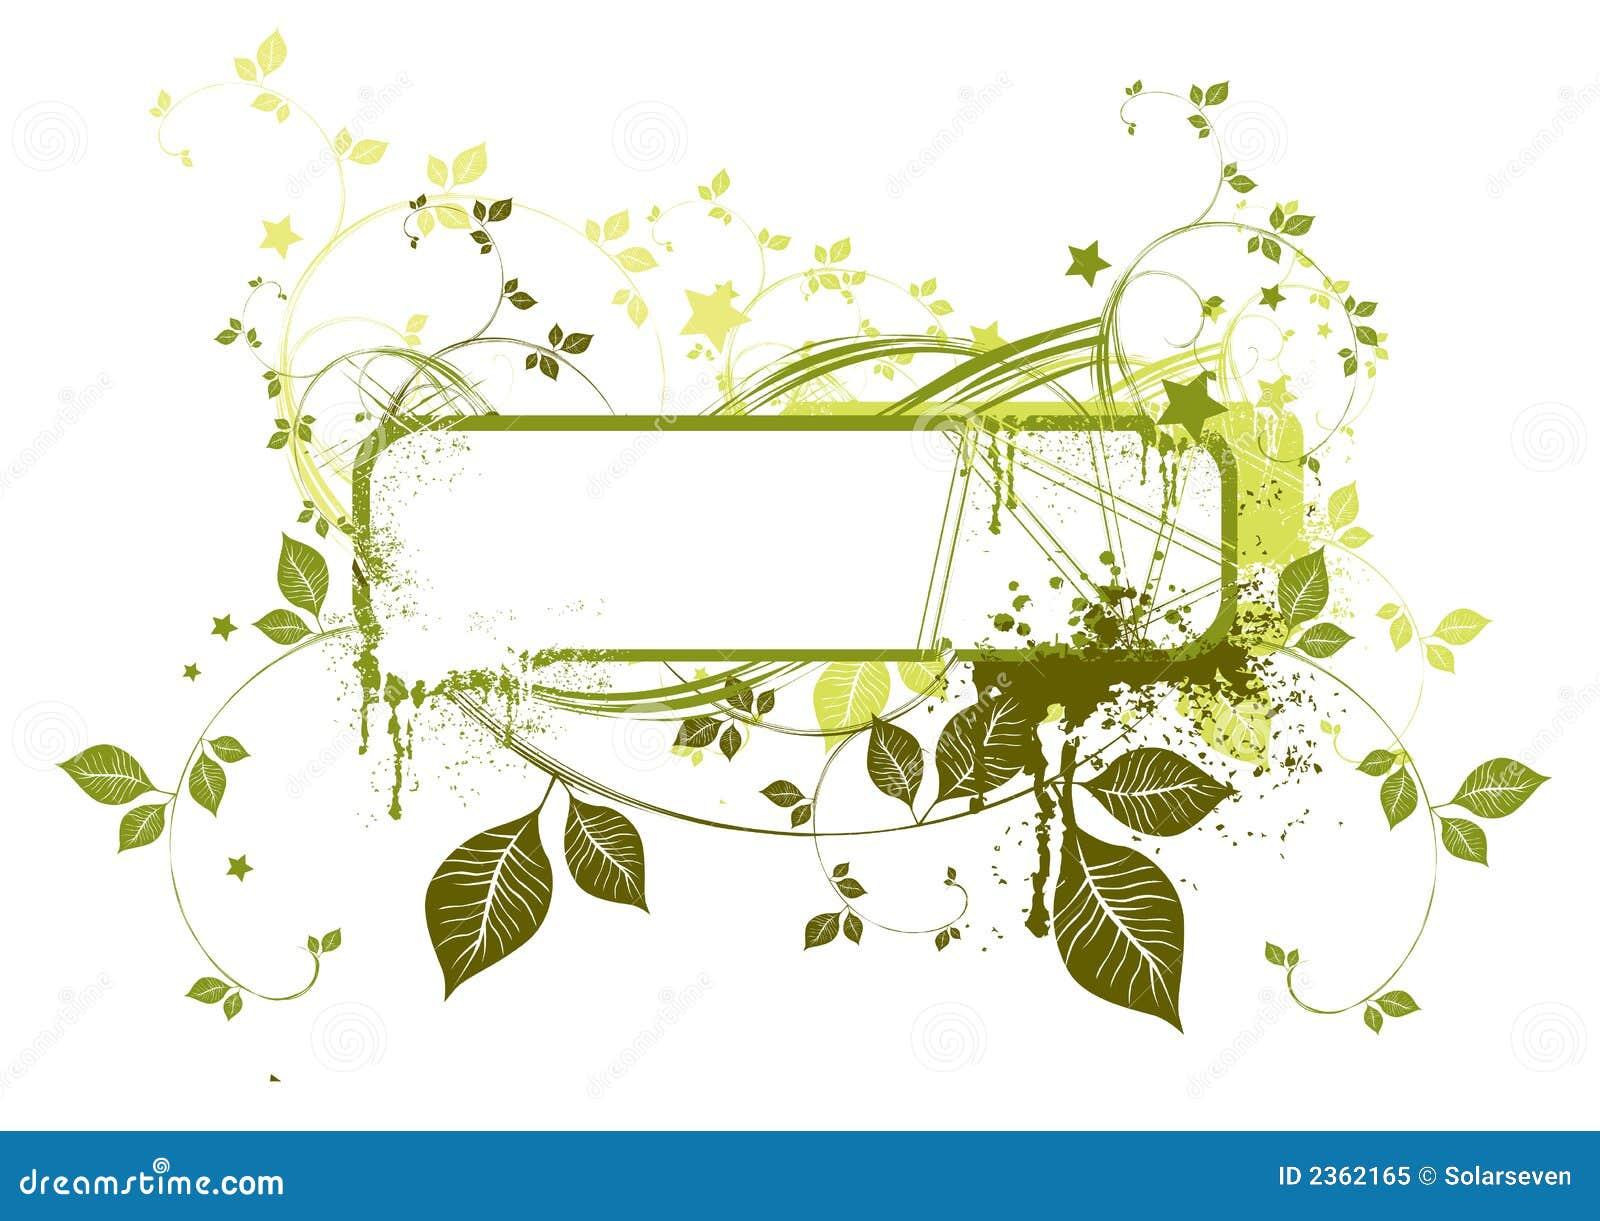 Trame grunge florale